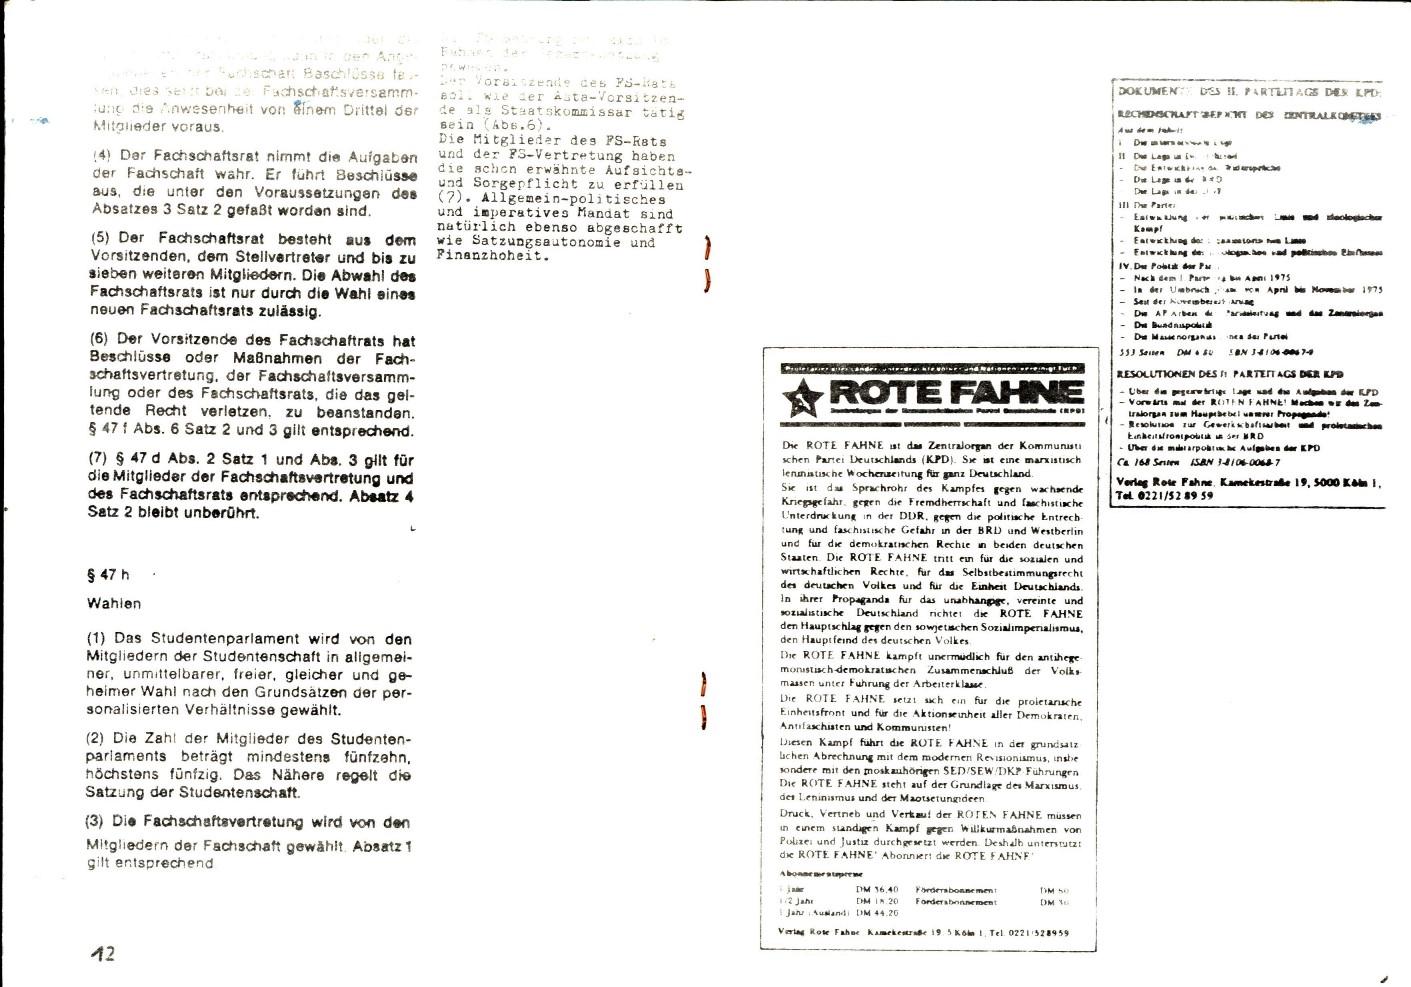 NRW_KSV_1977_Studentenschaftsgesetz_07